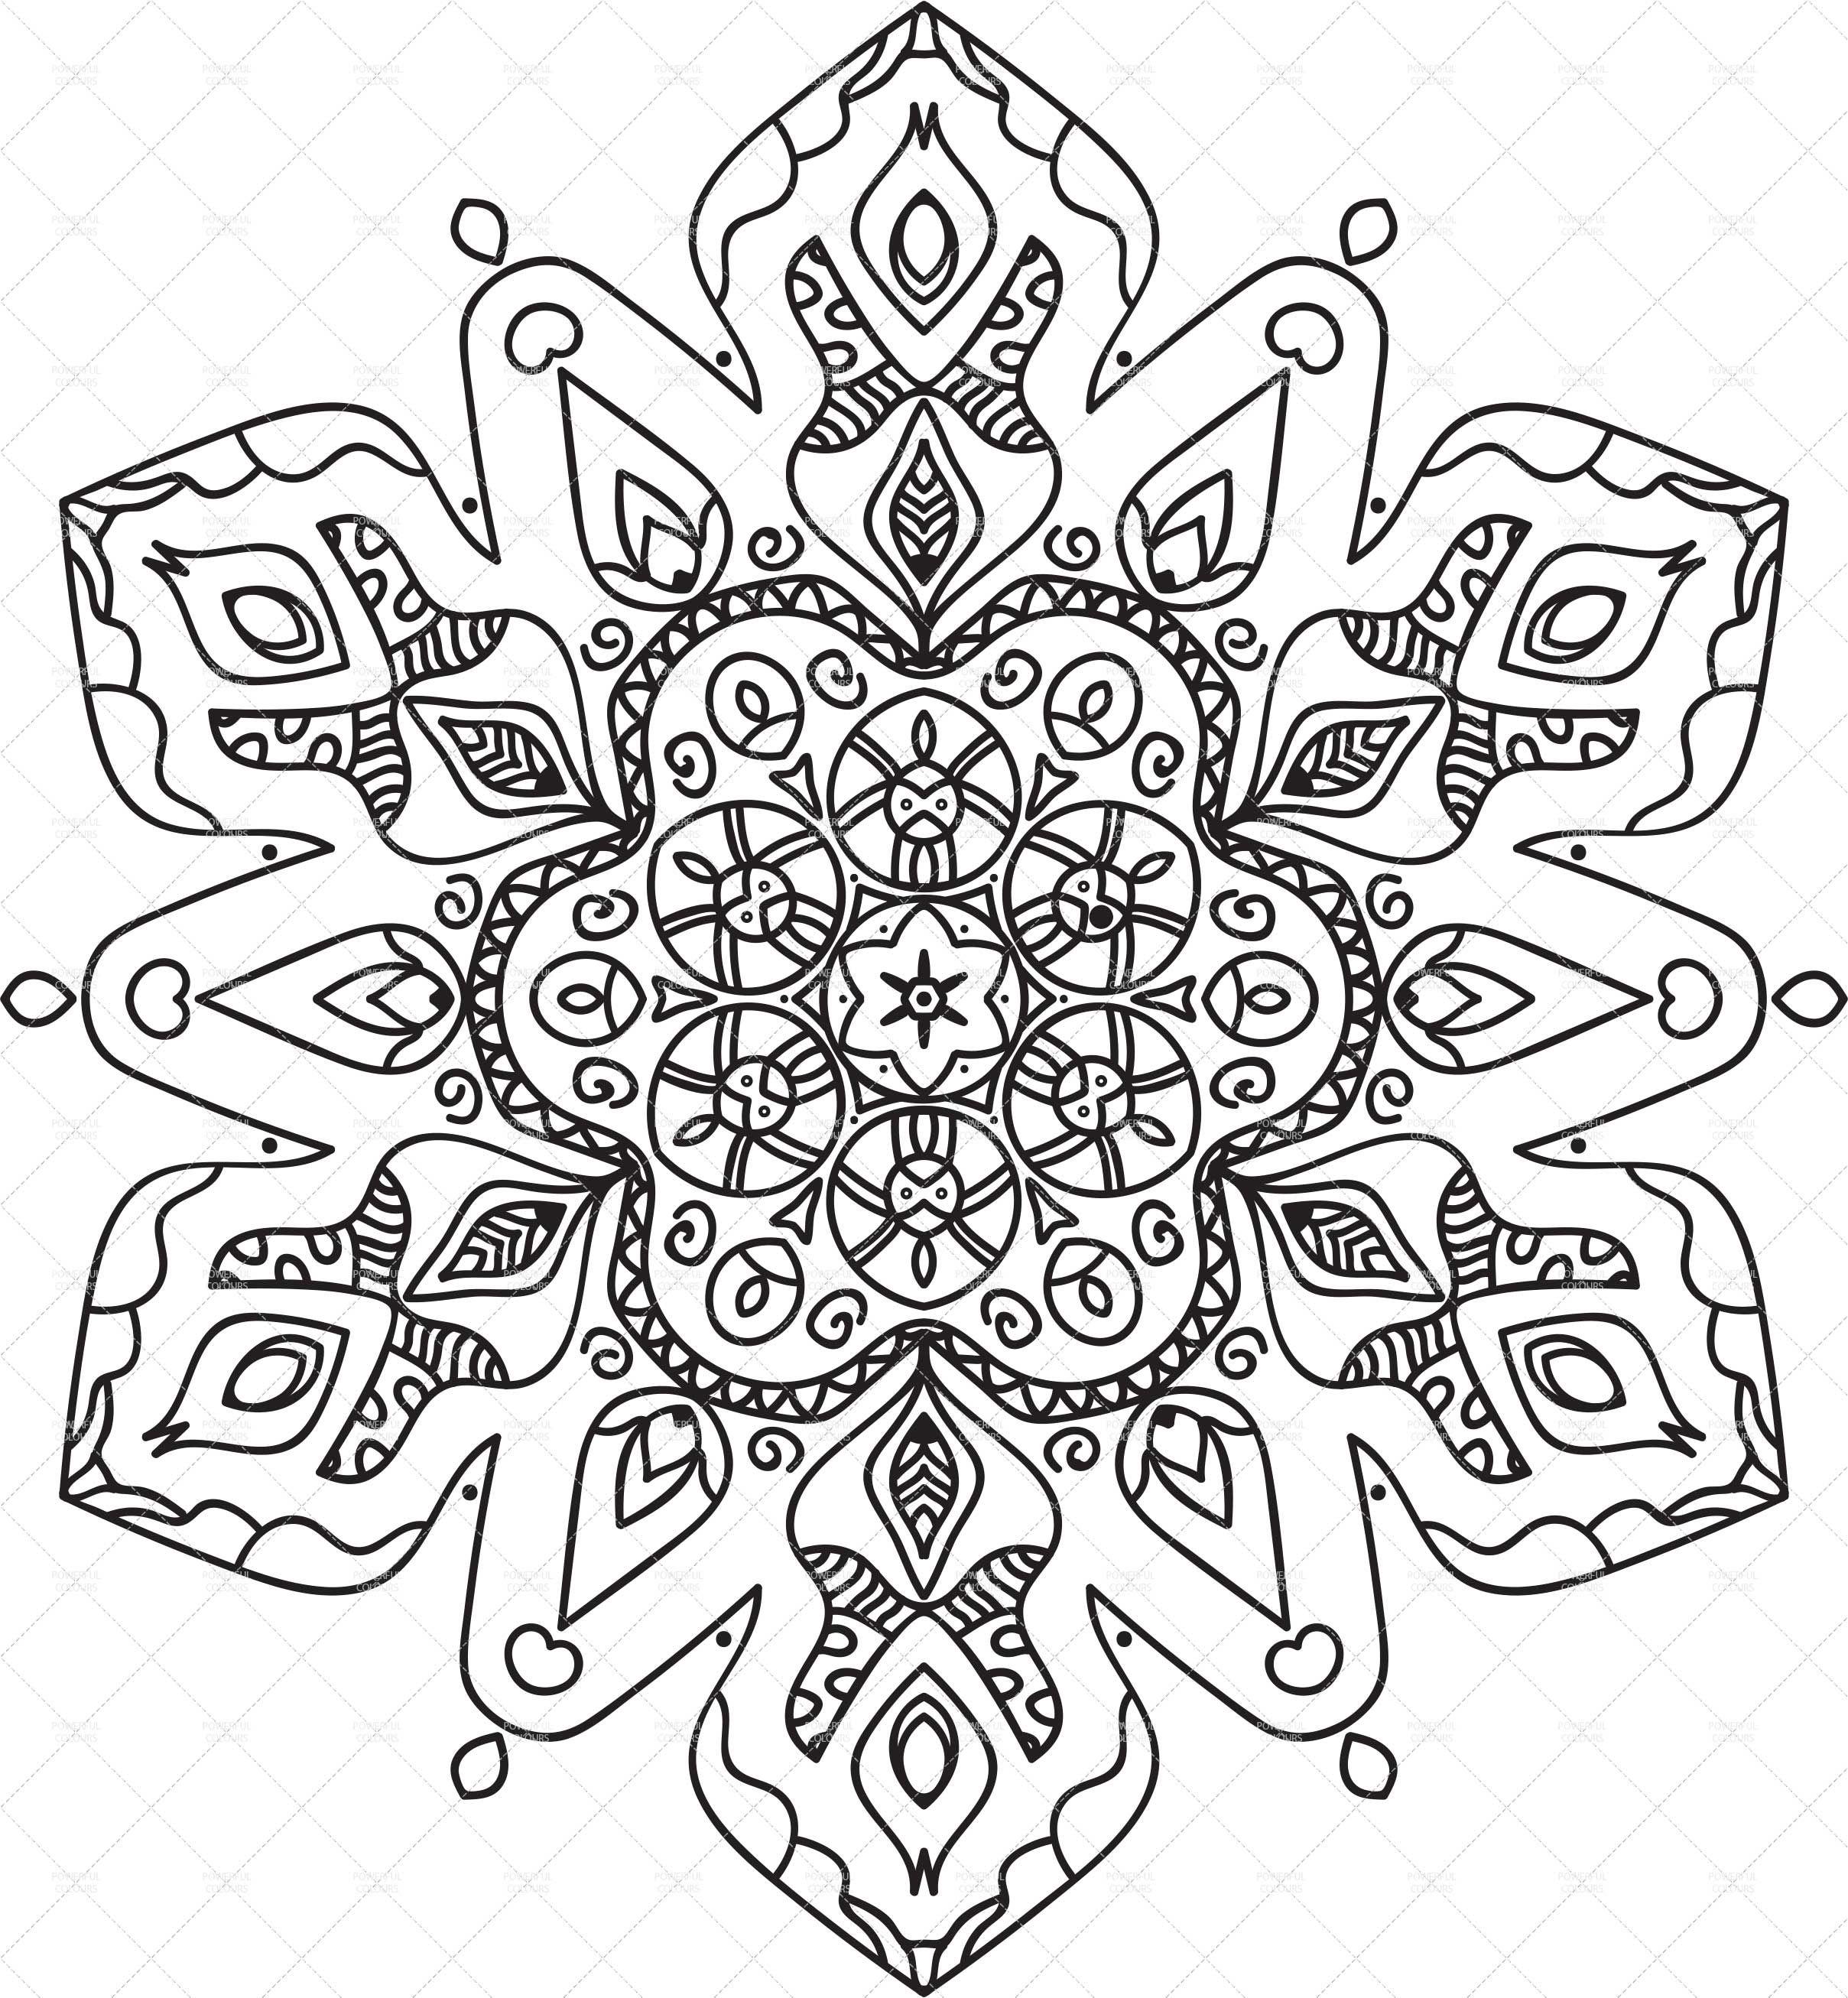 Printable Mandala 9 Adult Coloring